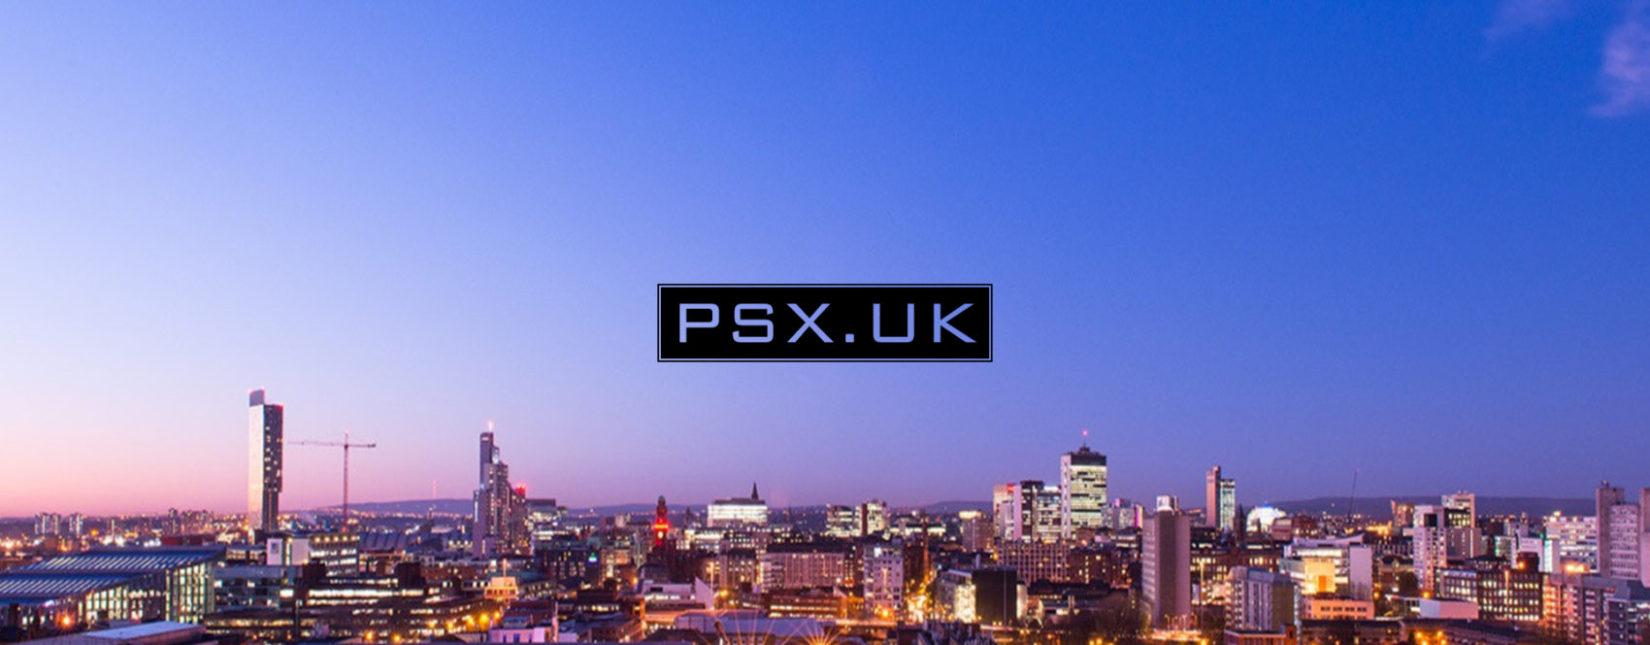 PSX Header 2020 1920x750